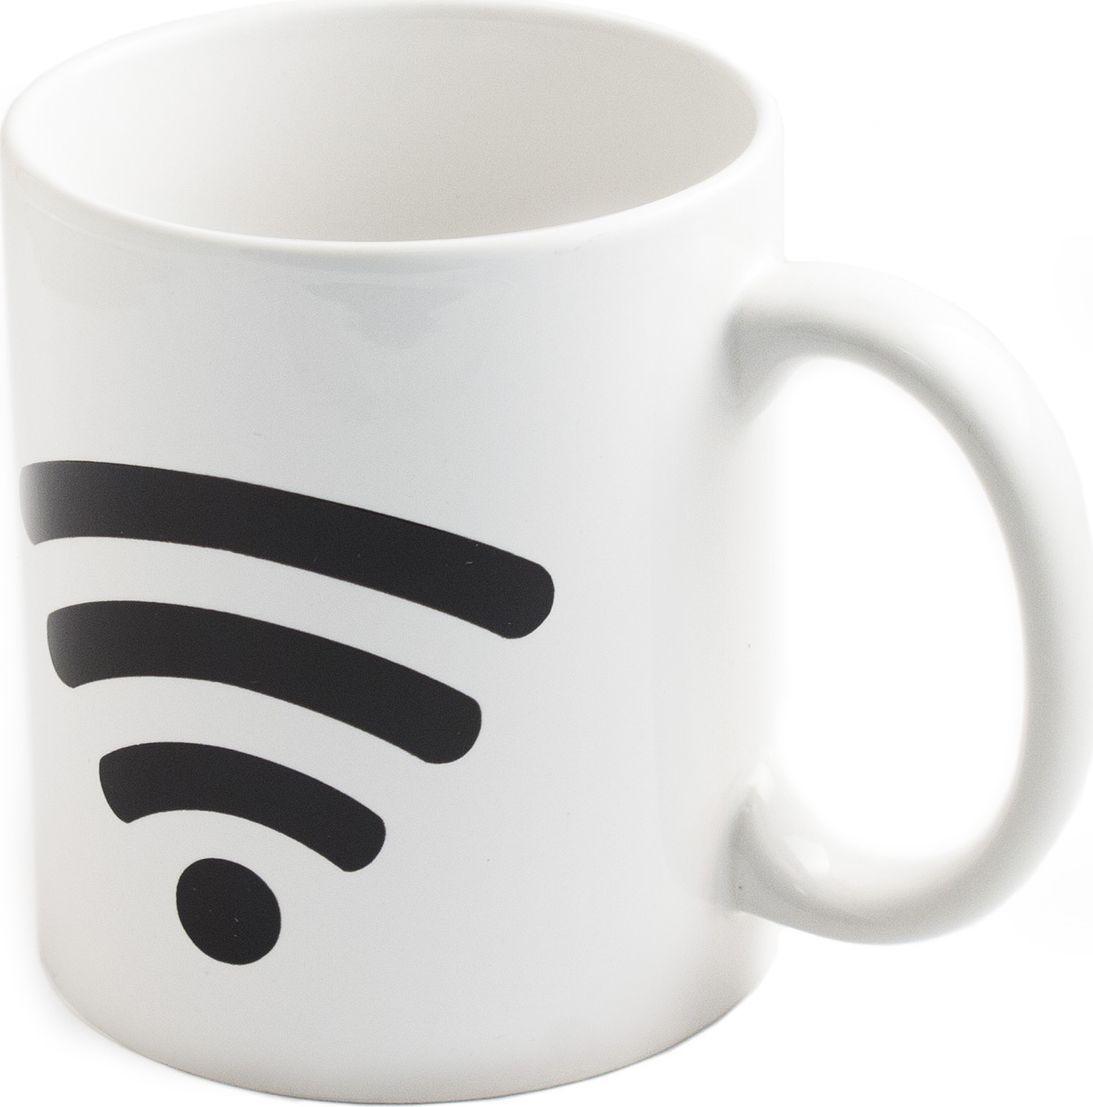 Кружка хамелеон Эврика Включи WiFi, 350 мл. 9805098050Кружка-хамелеон Эврика Включи WiFi выполнена из высококачественной керамики. По мере наполнения, шкала зарядки повышается. В холодном состоянии на кружке нарисована шкала Wi-Fi. Если в нее налить горячий напиток, то рисунок меняет цвет. Такой подарок станет не только приятным, но и практичным сувениром: кружка станет незаменимым атрибутом чаепития, а оригинальный дизайн вызовет улыбку.Высота кружки: 9,5 см.Диаметр (без учета ручки): 8 см.